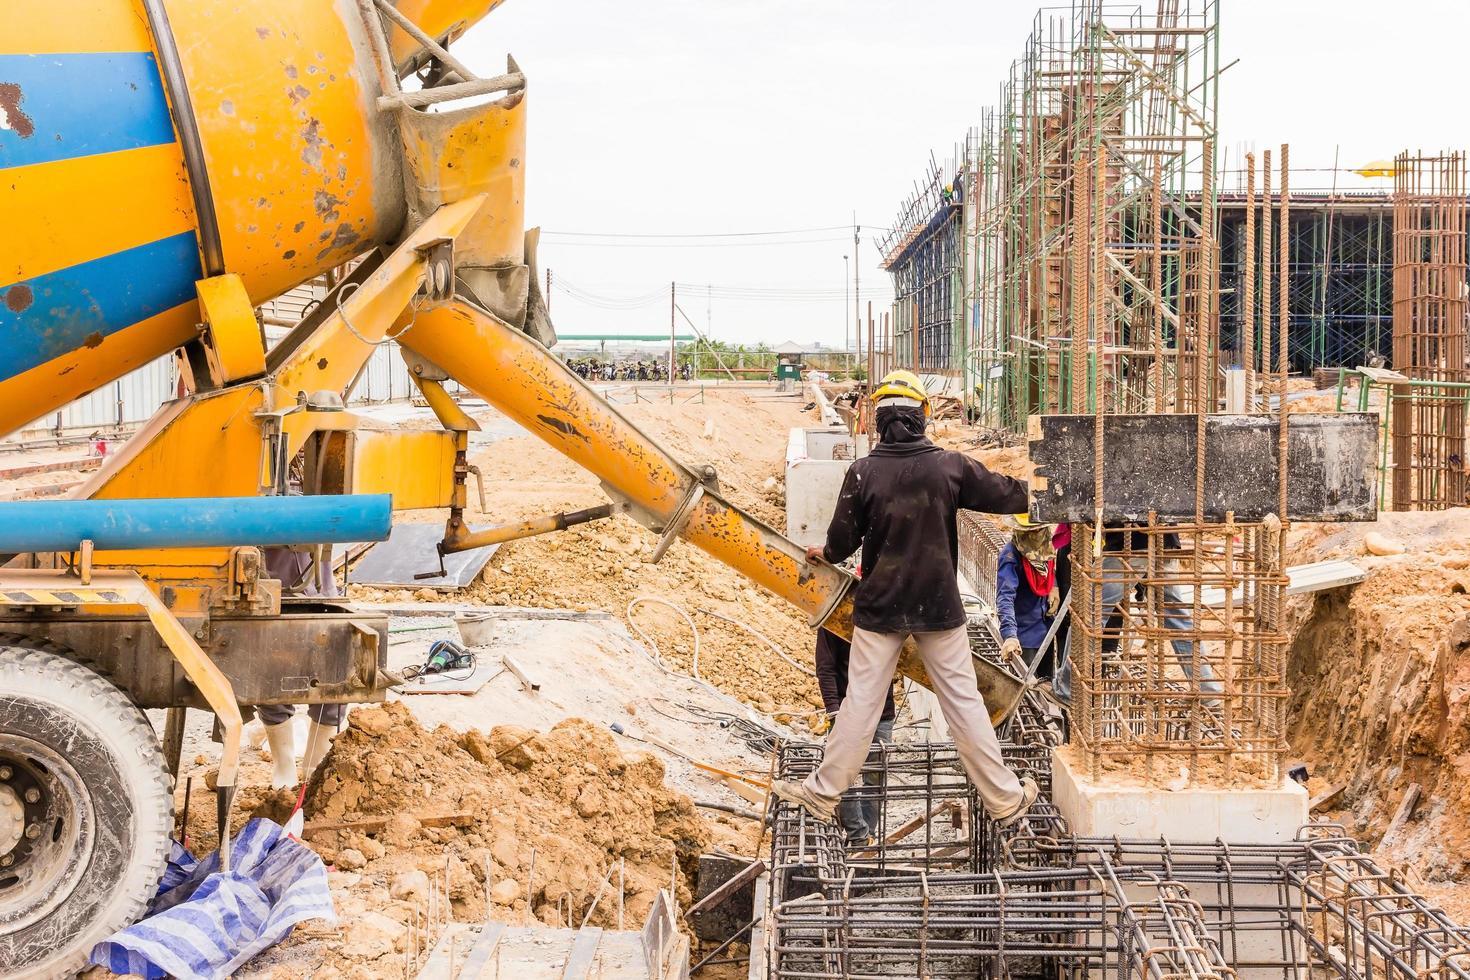 Betonieren während des gewerblichen Betonierens von Gebäuden auf der Baustelle foto